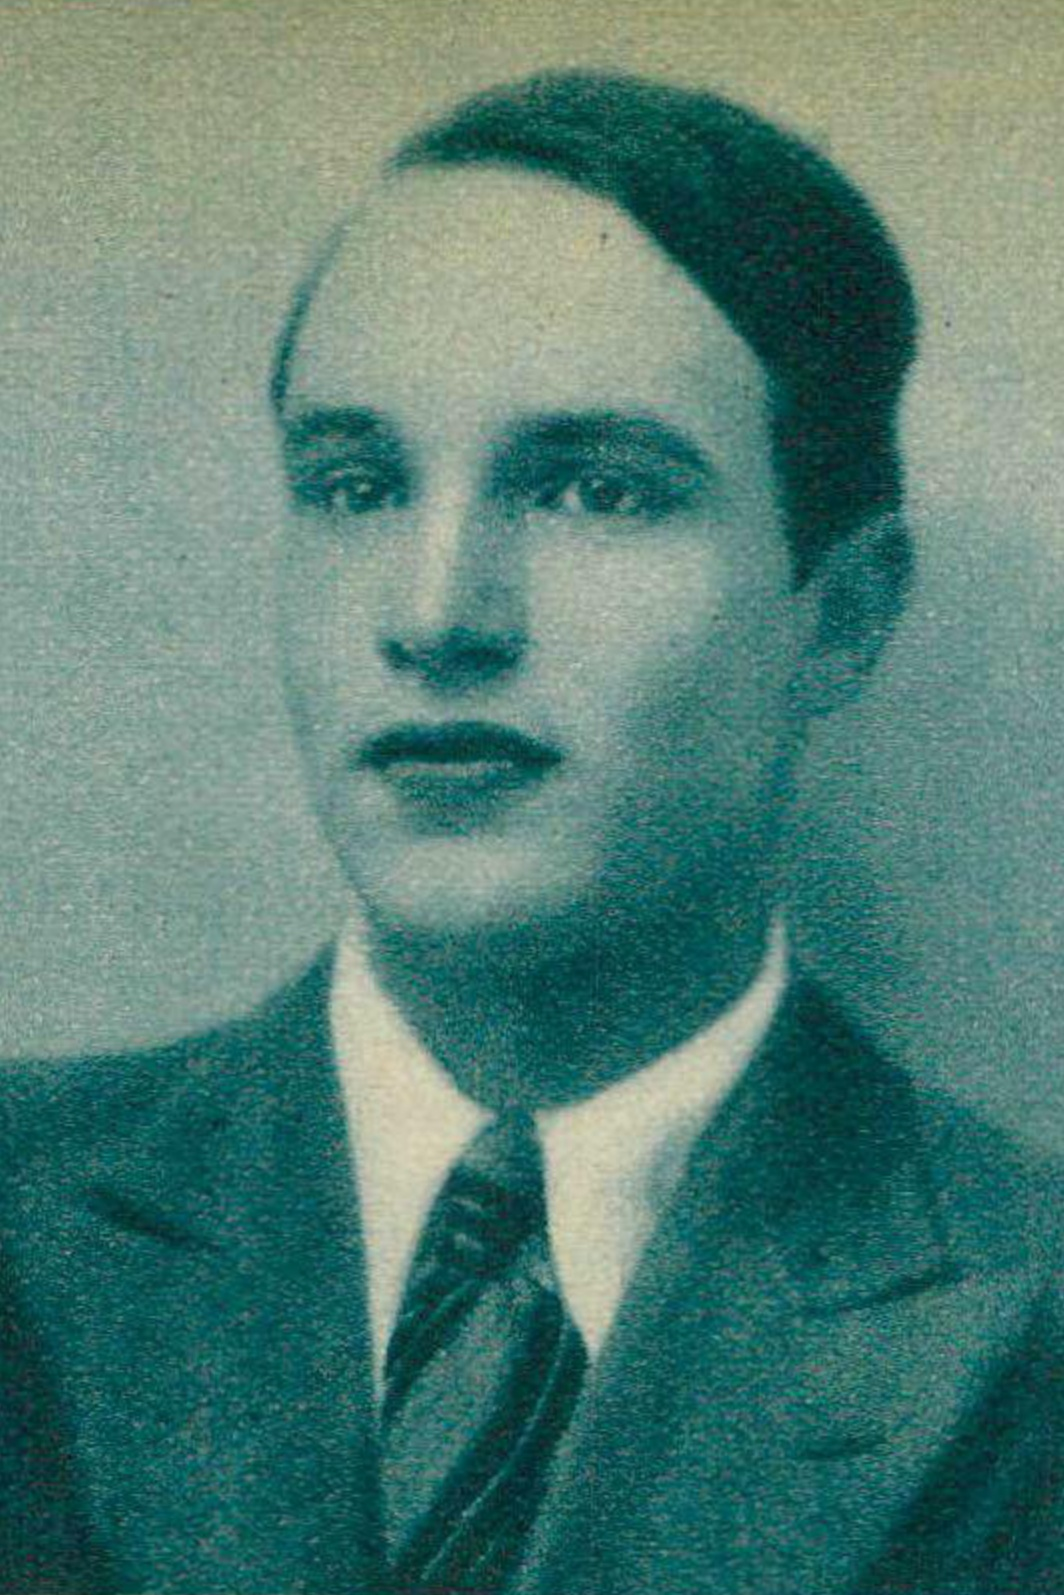 André PERRET, un portrait fait par Photo Helios publié entre autres dans la revue Le Radio du 22 octobre 1937 en page 1750